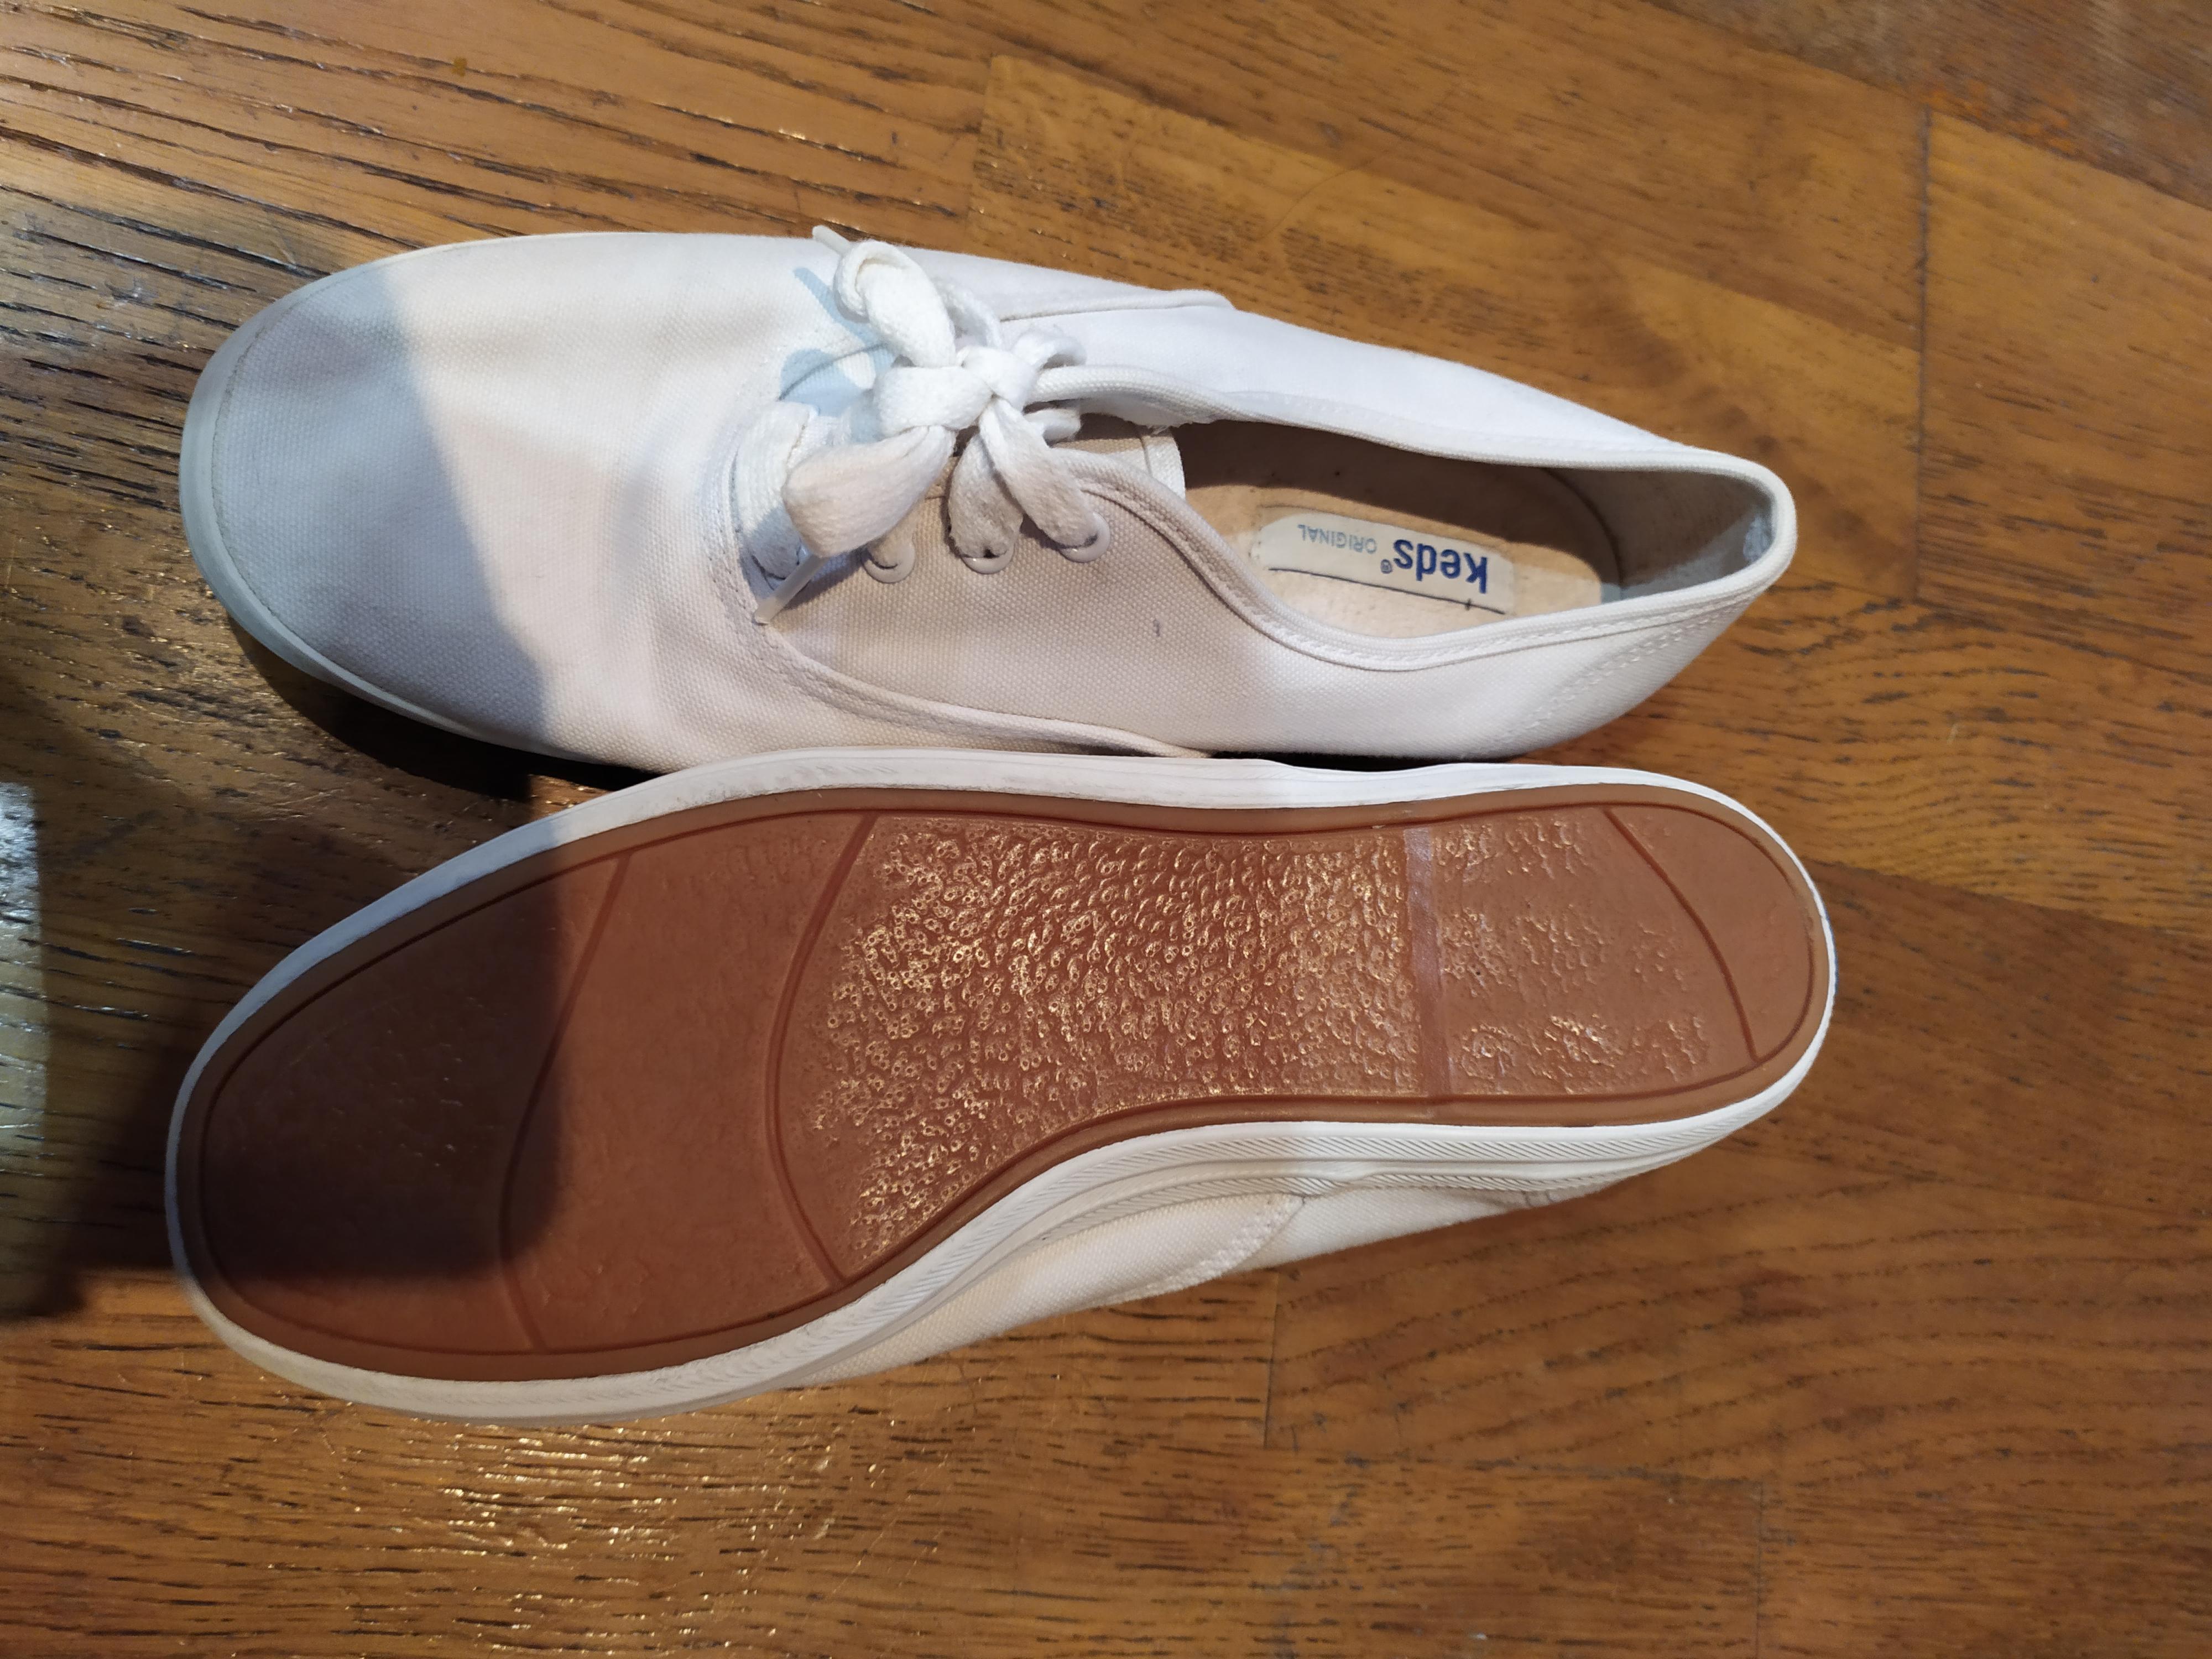 troc de troc chaussure keds 38 image 1